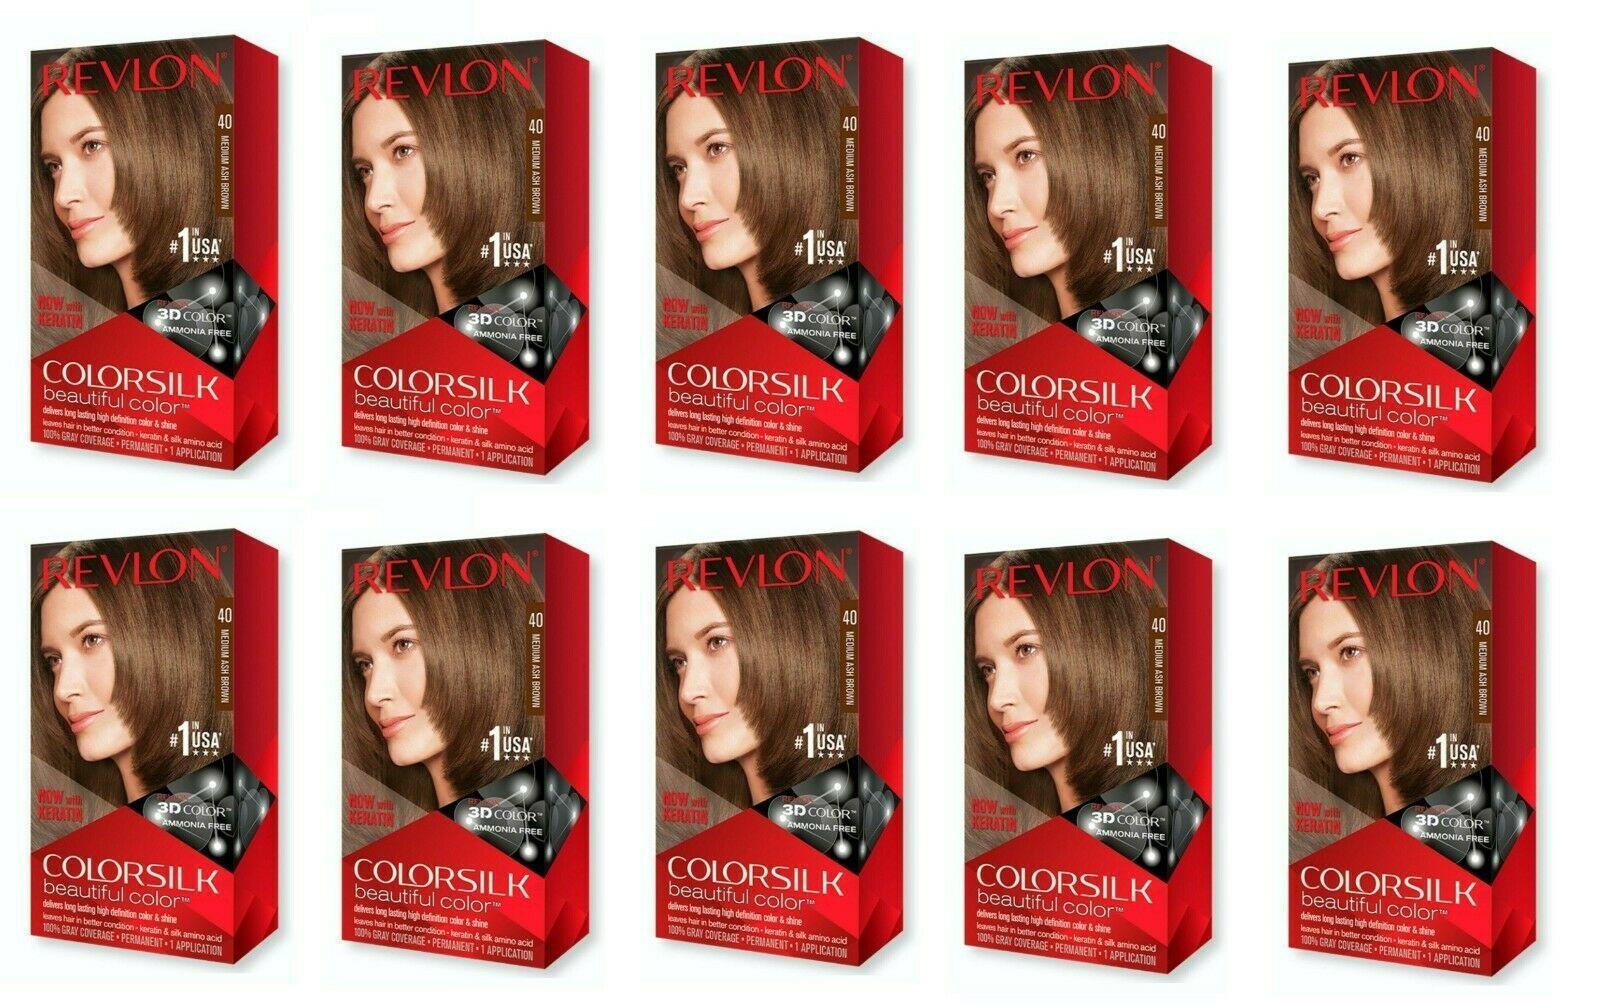 REVLON COLORSILK Beautiful Color Permanent Hair Dye #40 Medium Ash Brown 10 PACK - $44.99